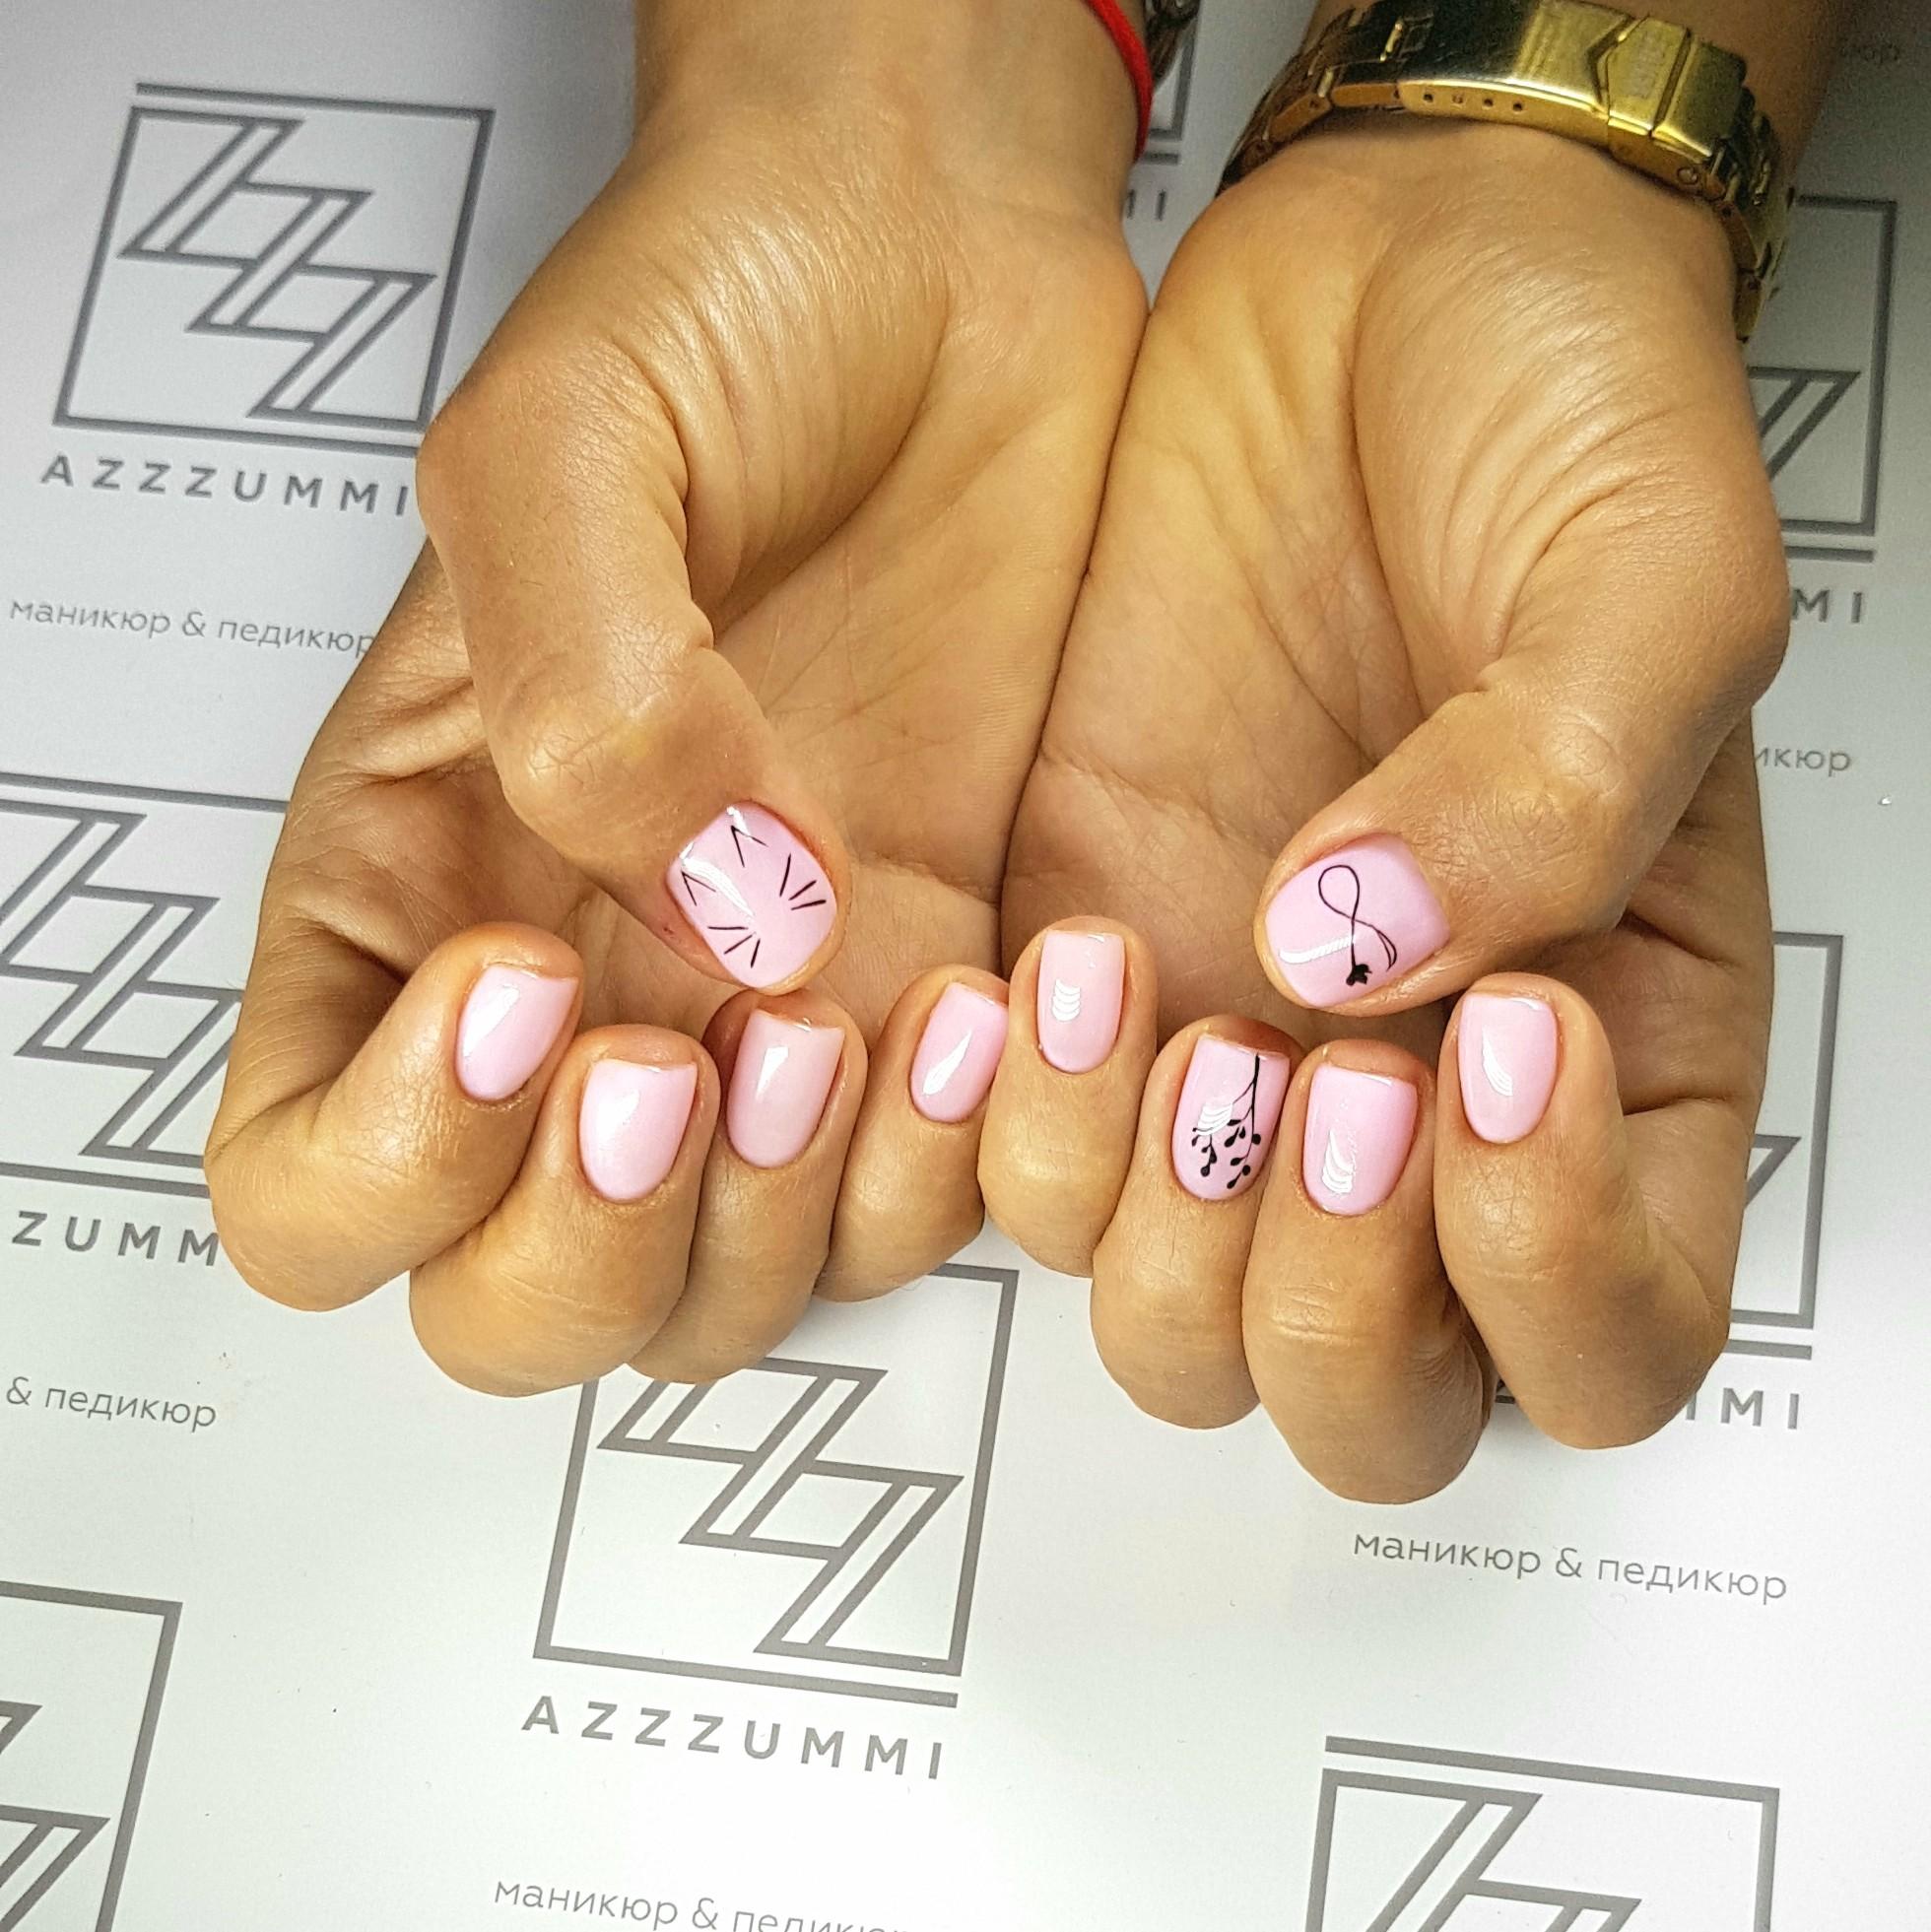 Azzzummi_nails_ 1905_котики